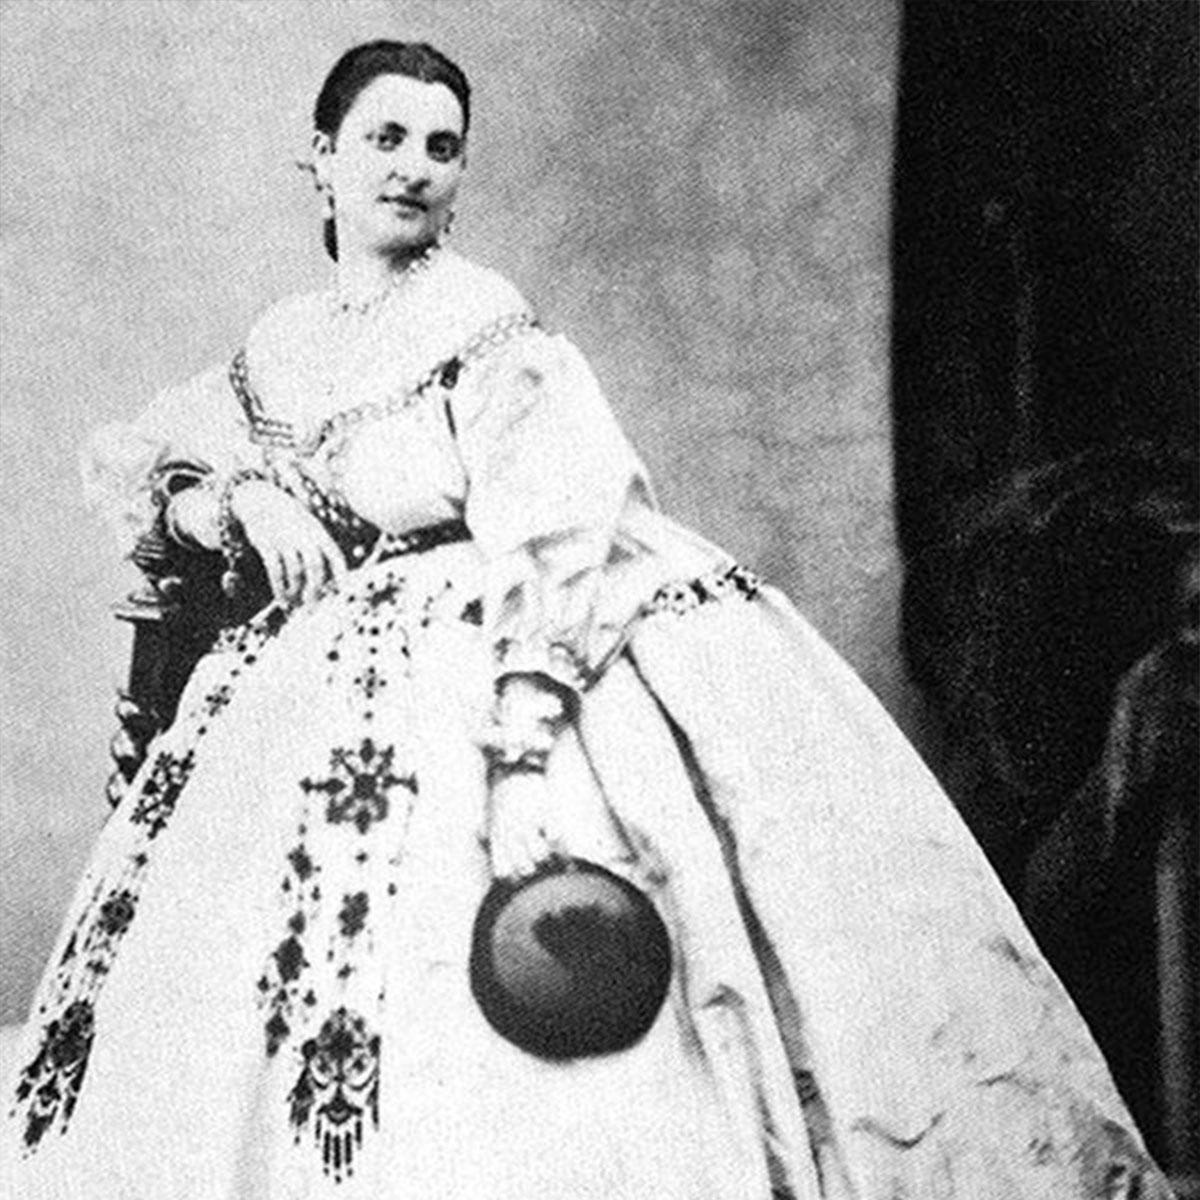 Contessa di Mirafiori